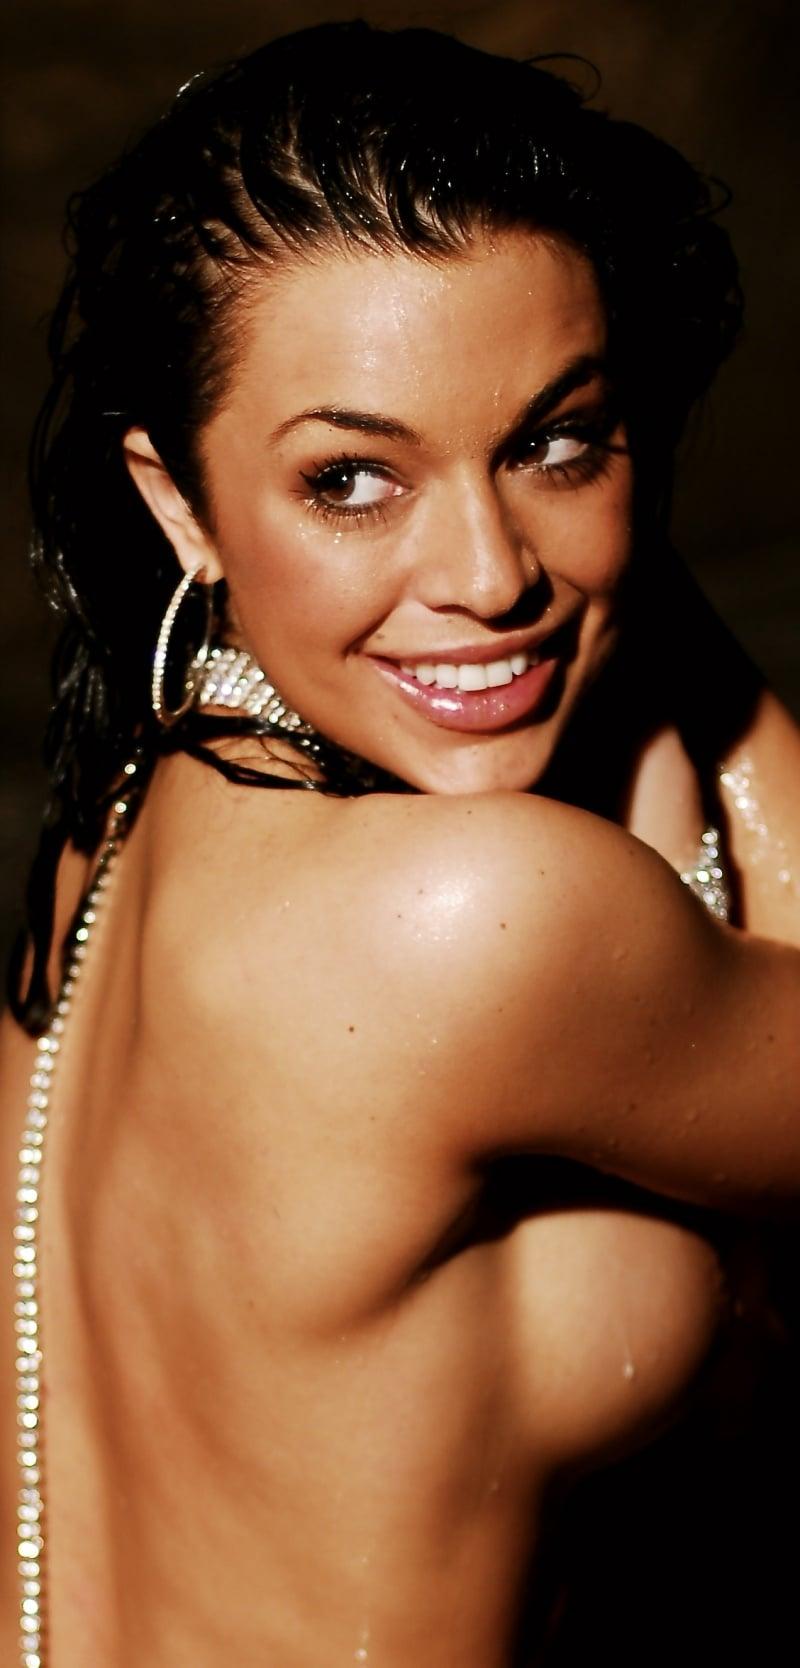 Kari Ann Peniche Nude Photos 26